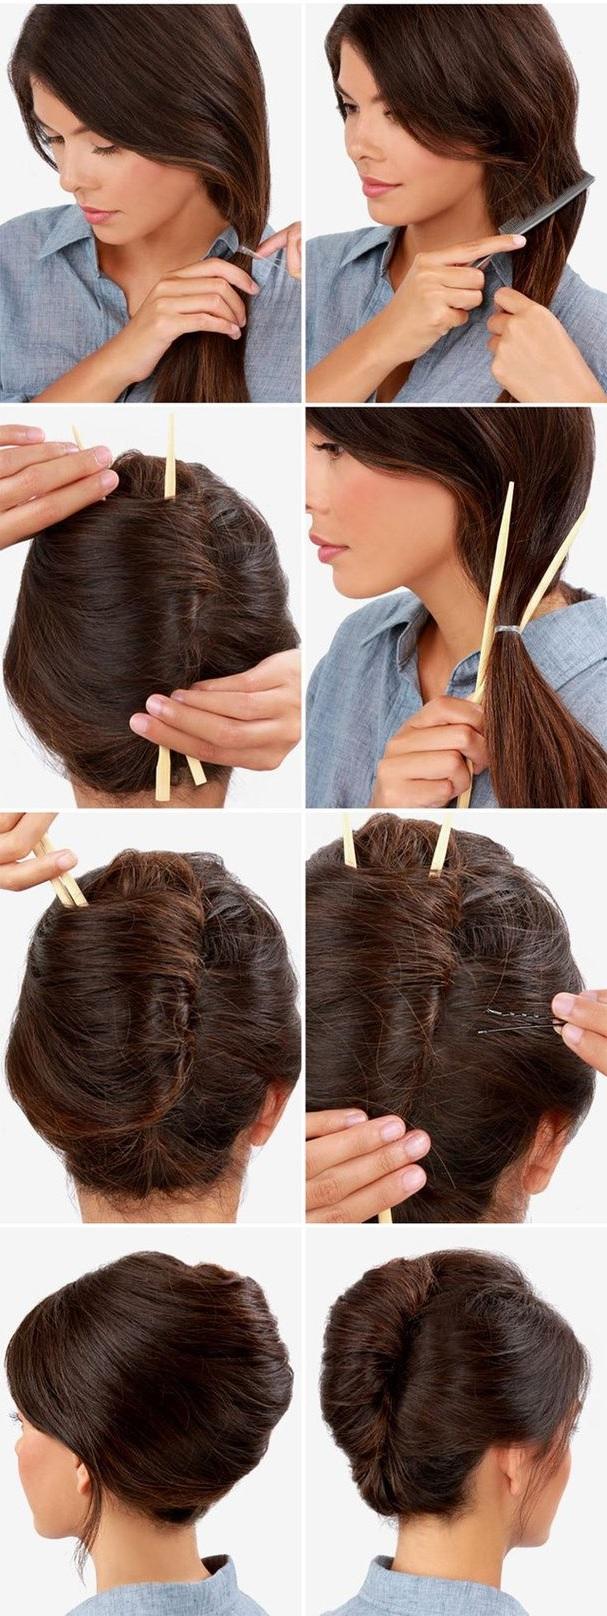 comment mettre pic cheveux